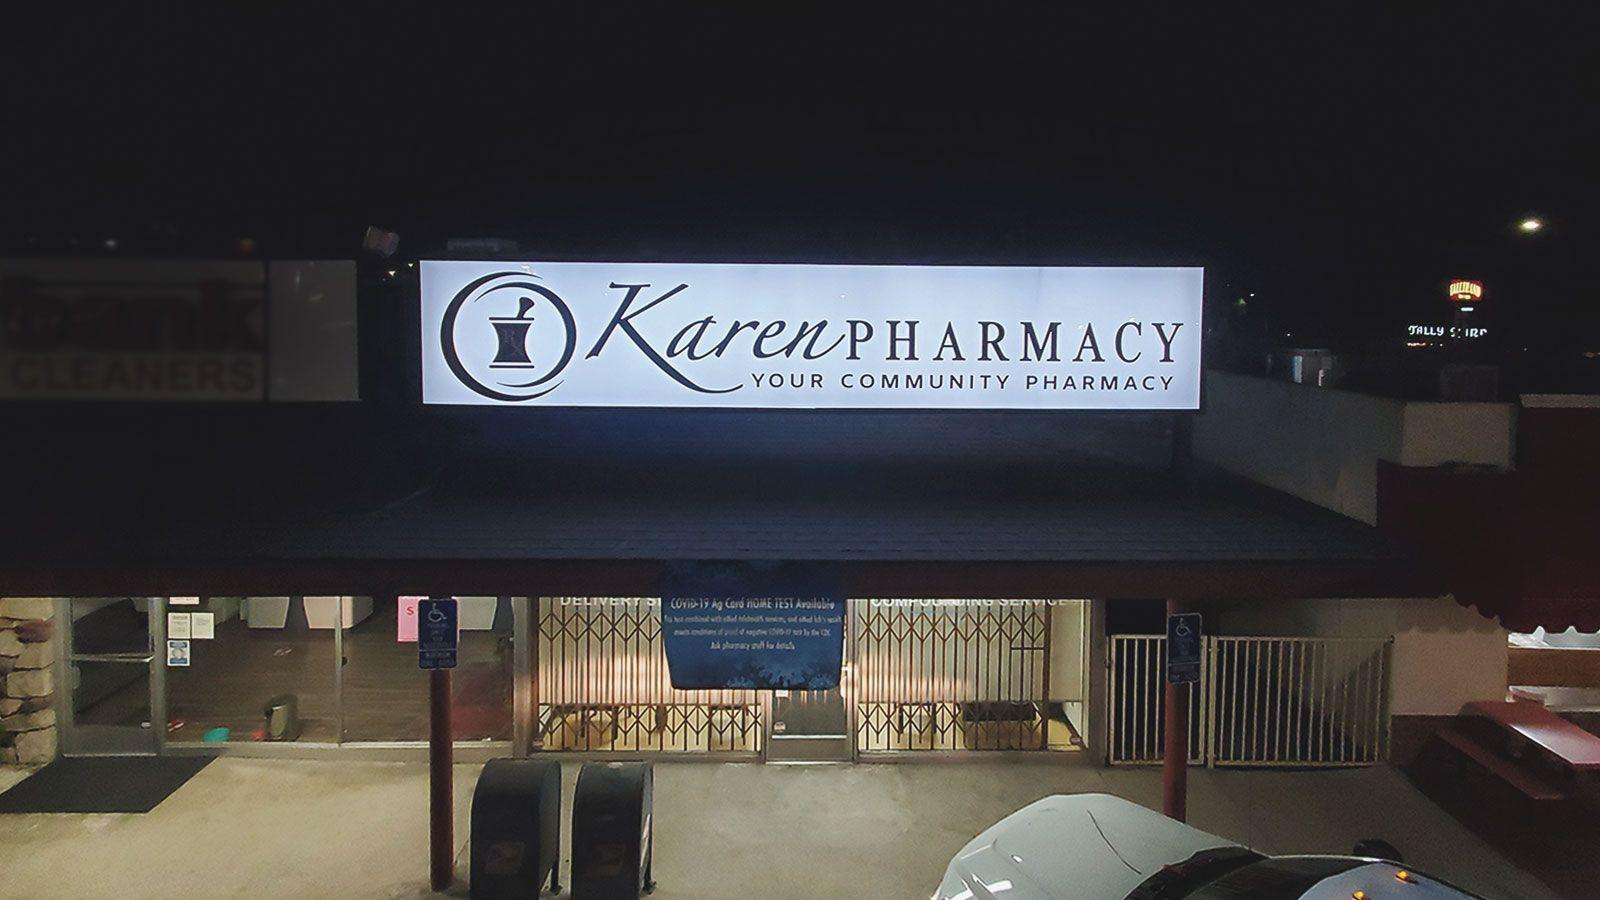 Karen Pharmacy light up sign